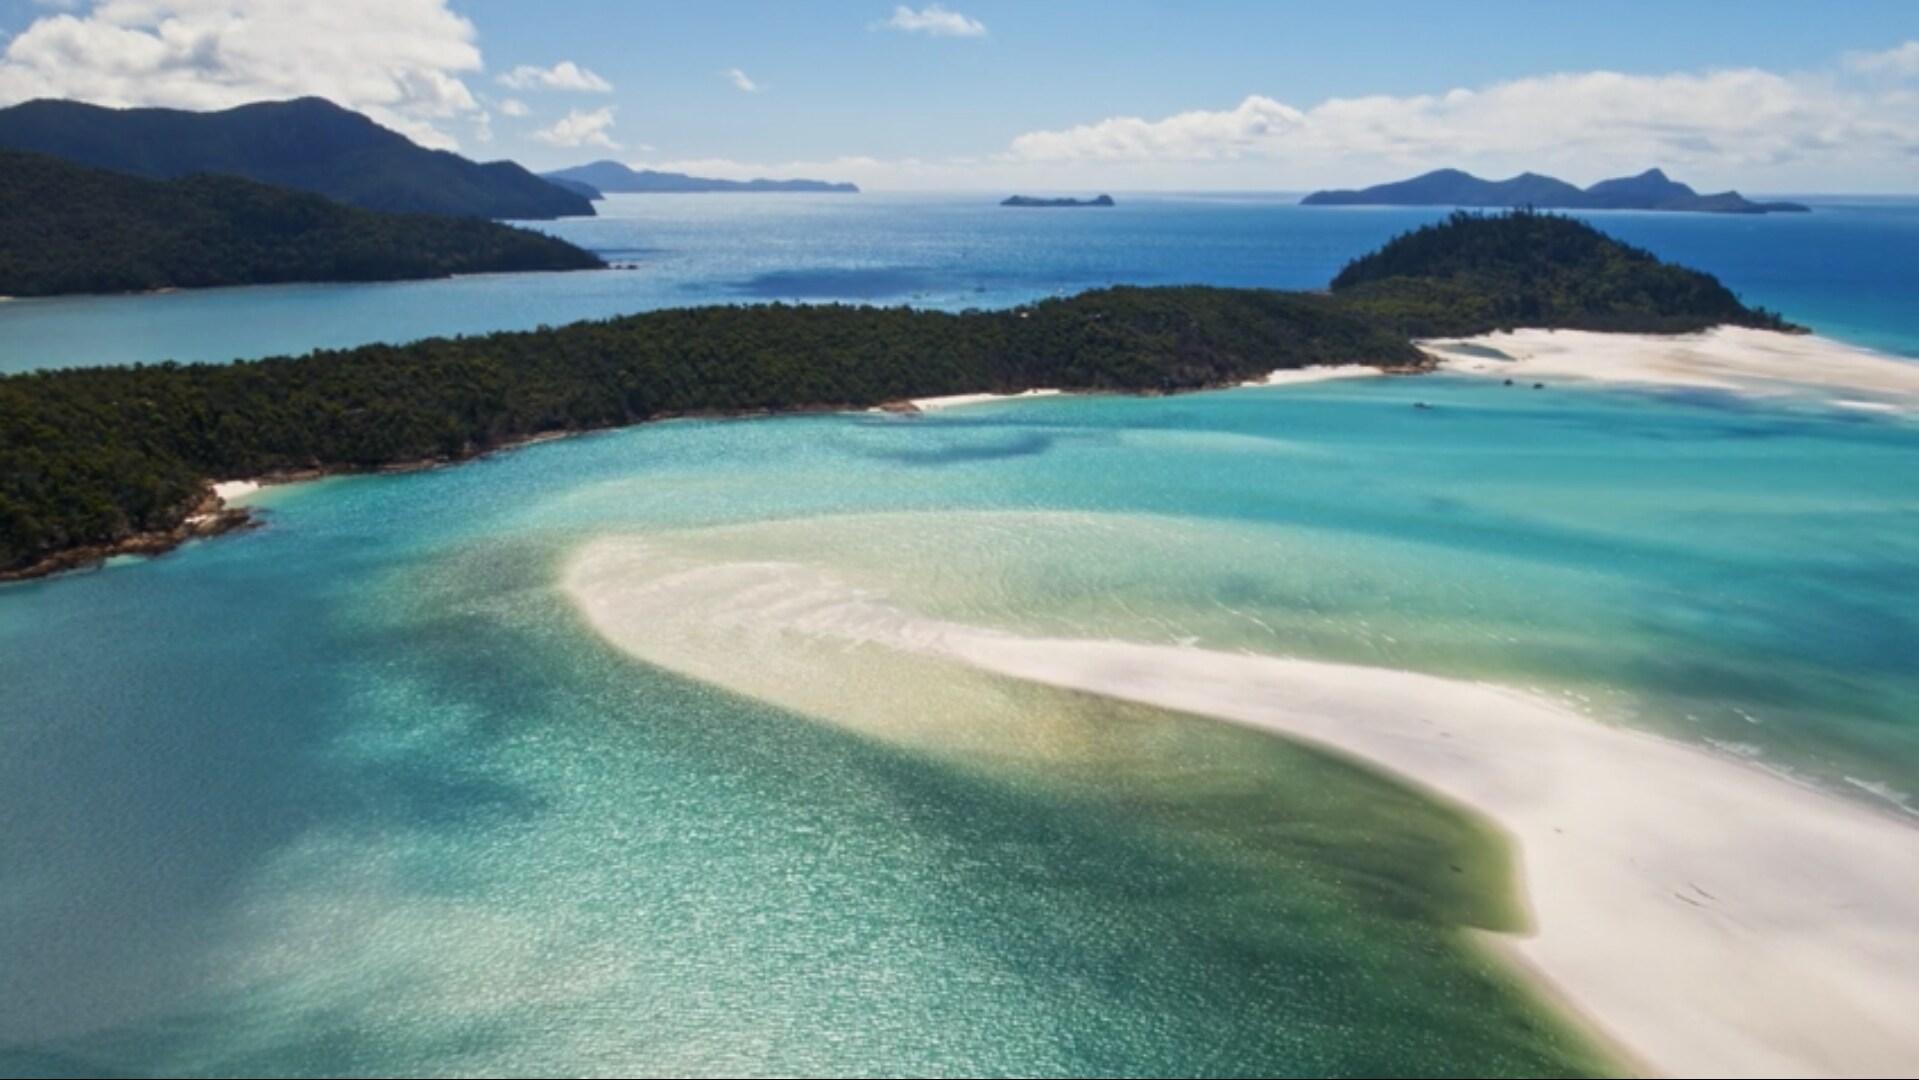 imagem aérea de praia